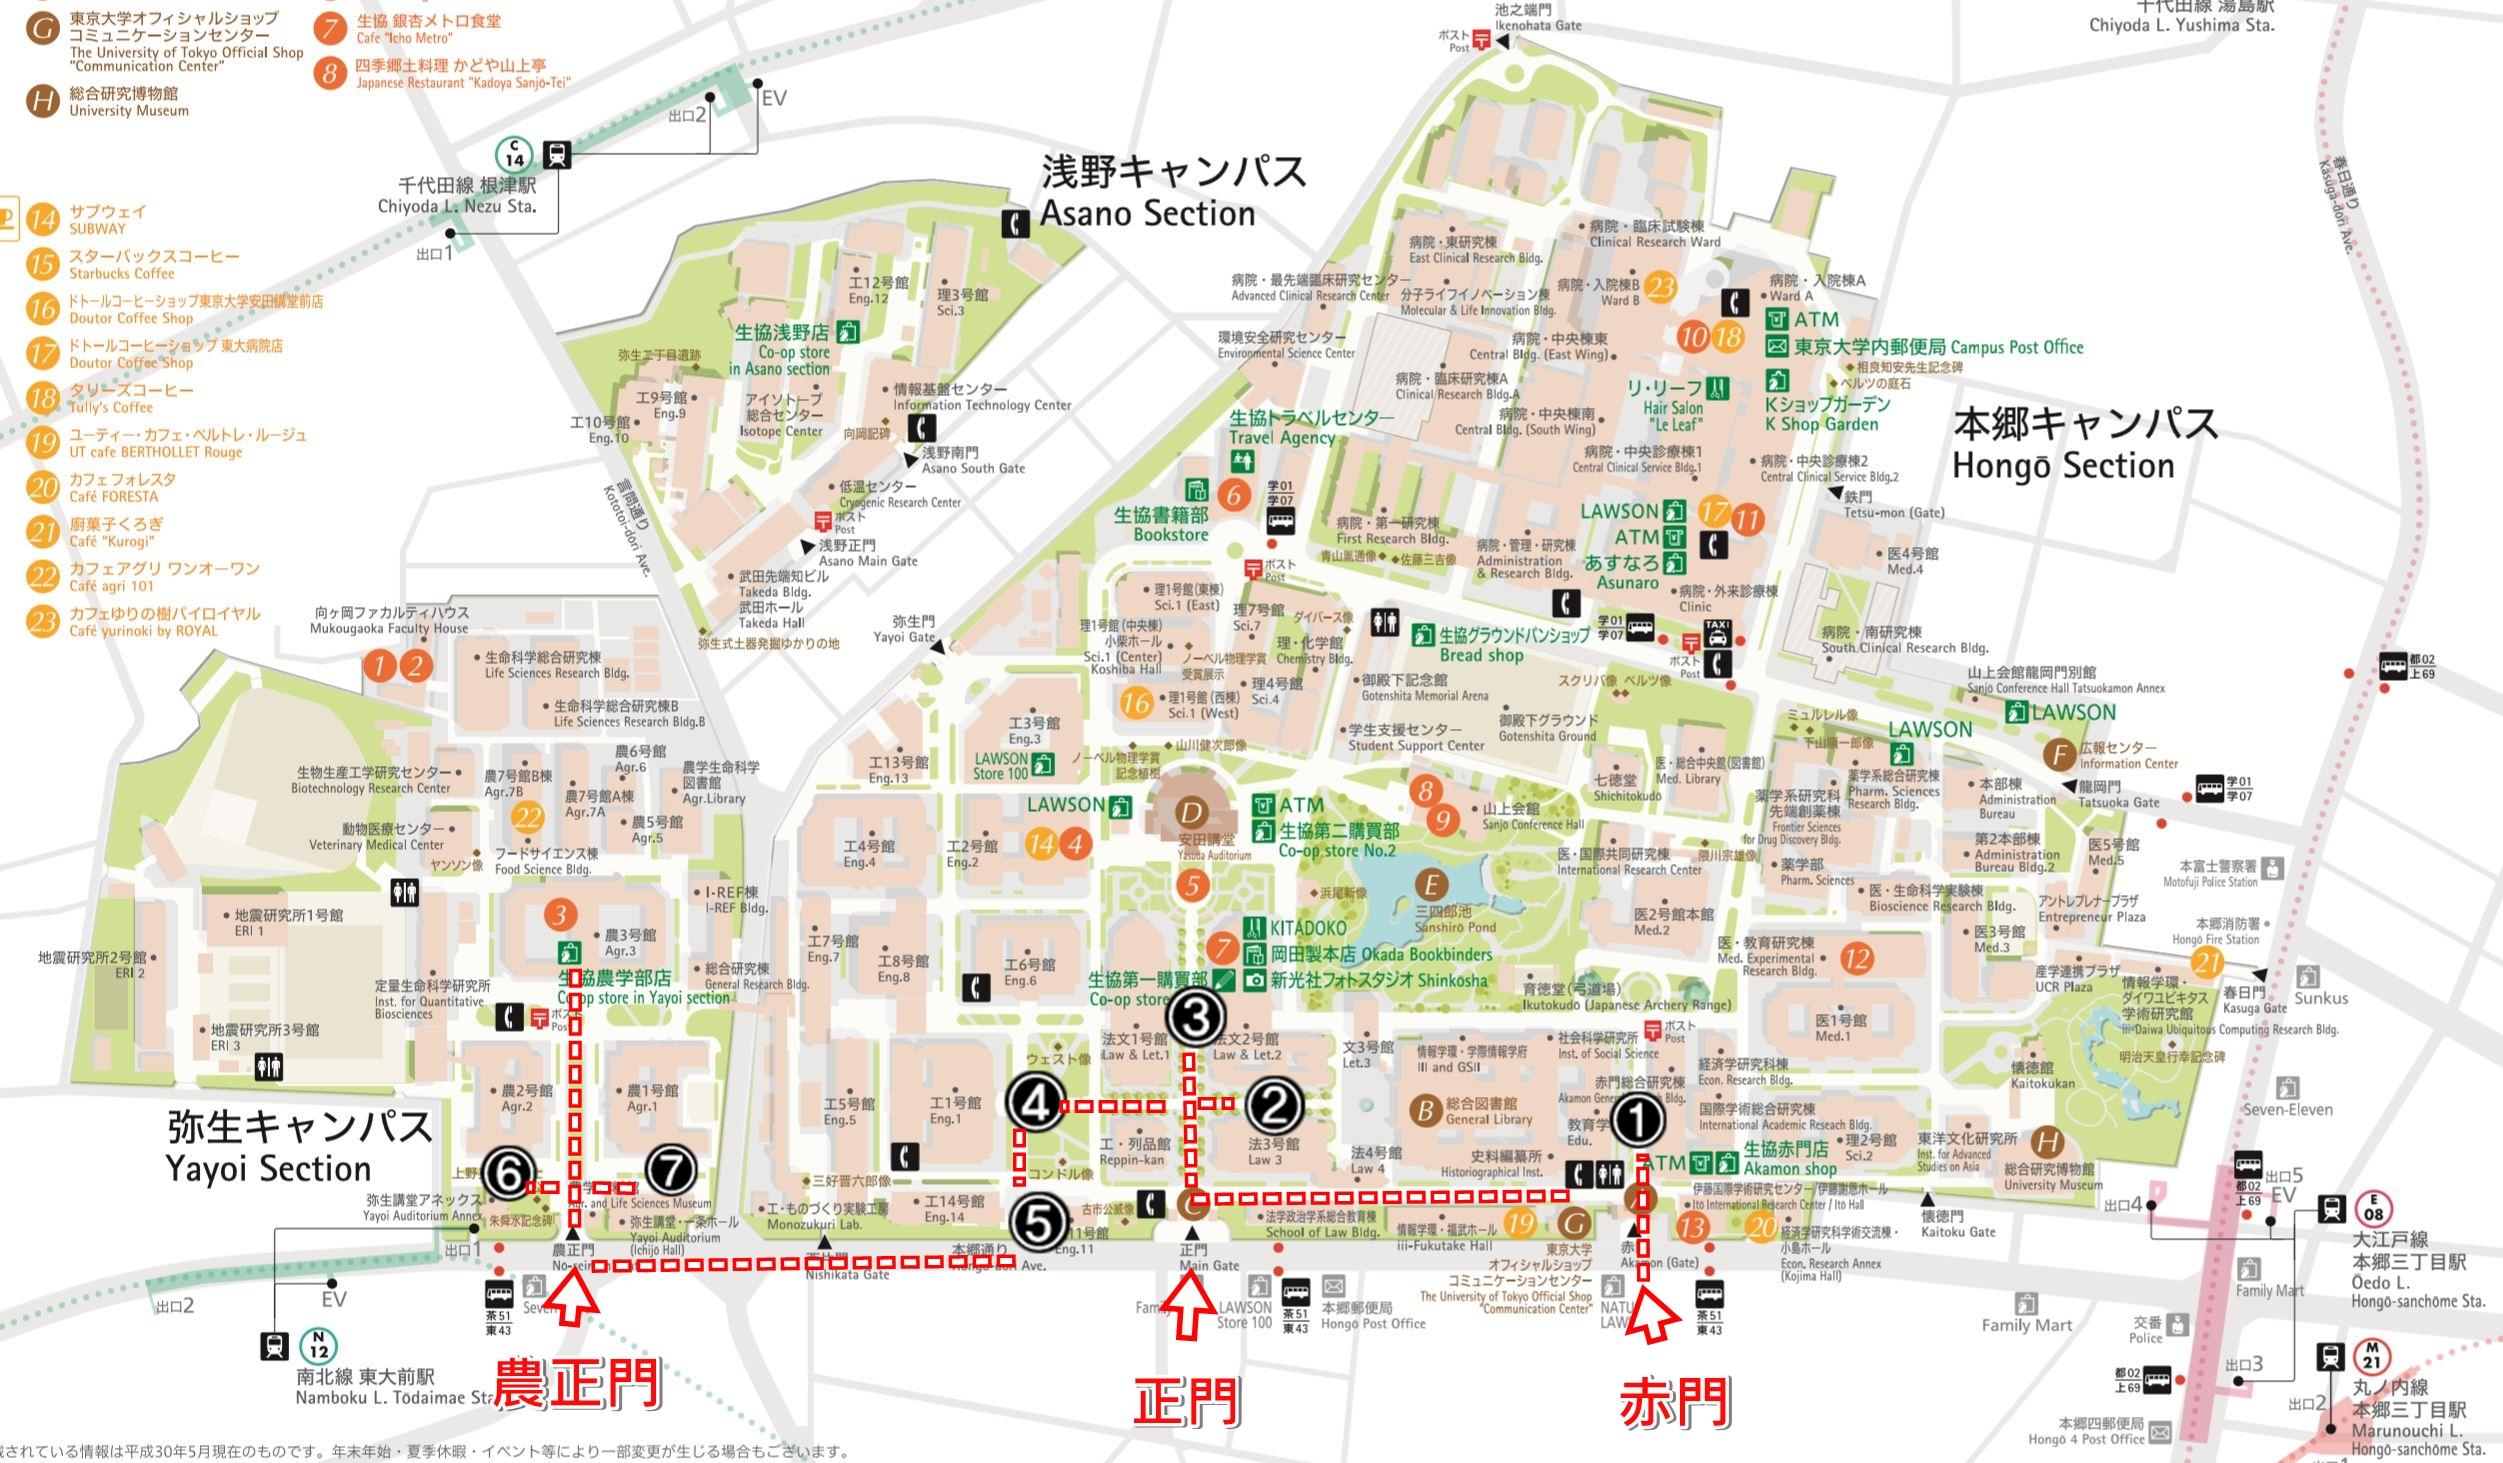 東京大學銀杏含地圖 | 本鄉校區 + 彌生校區 ( 內含東大生協食堂)